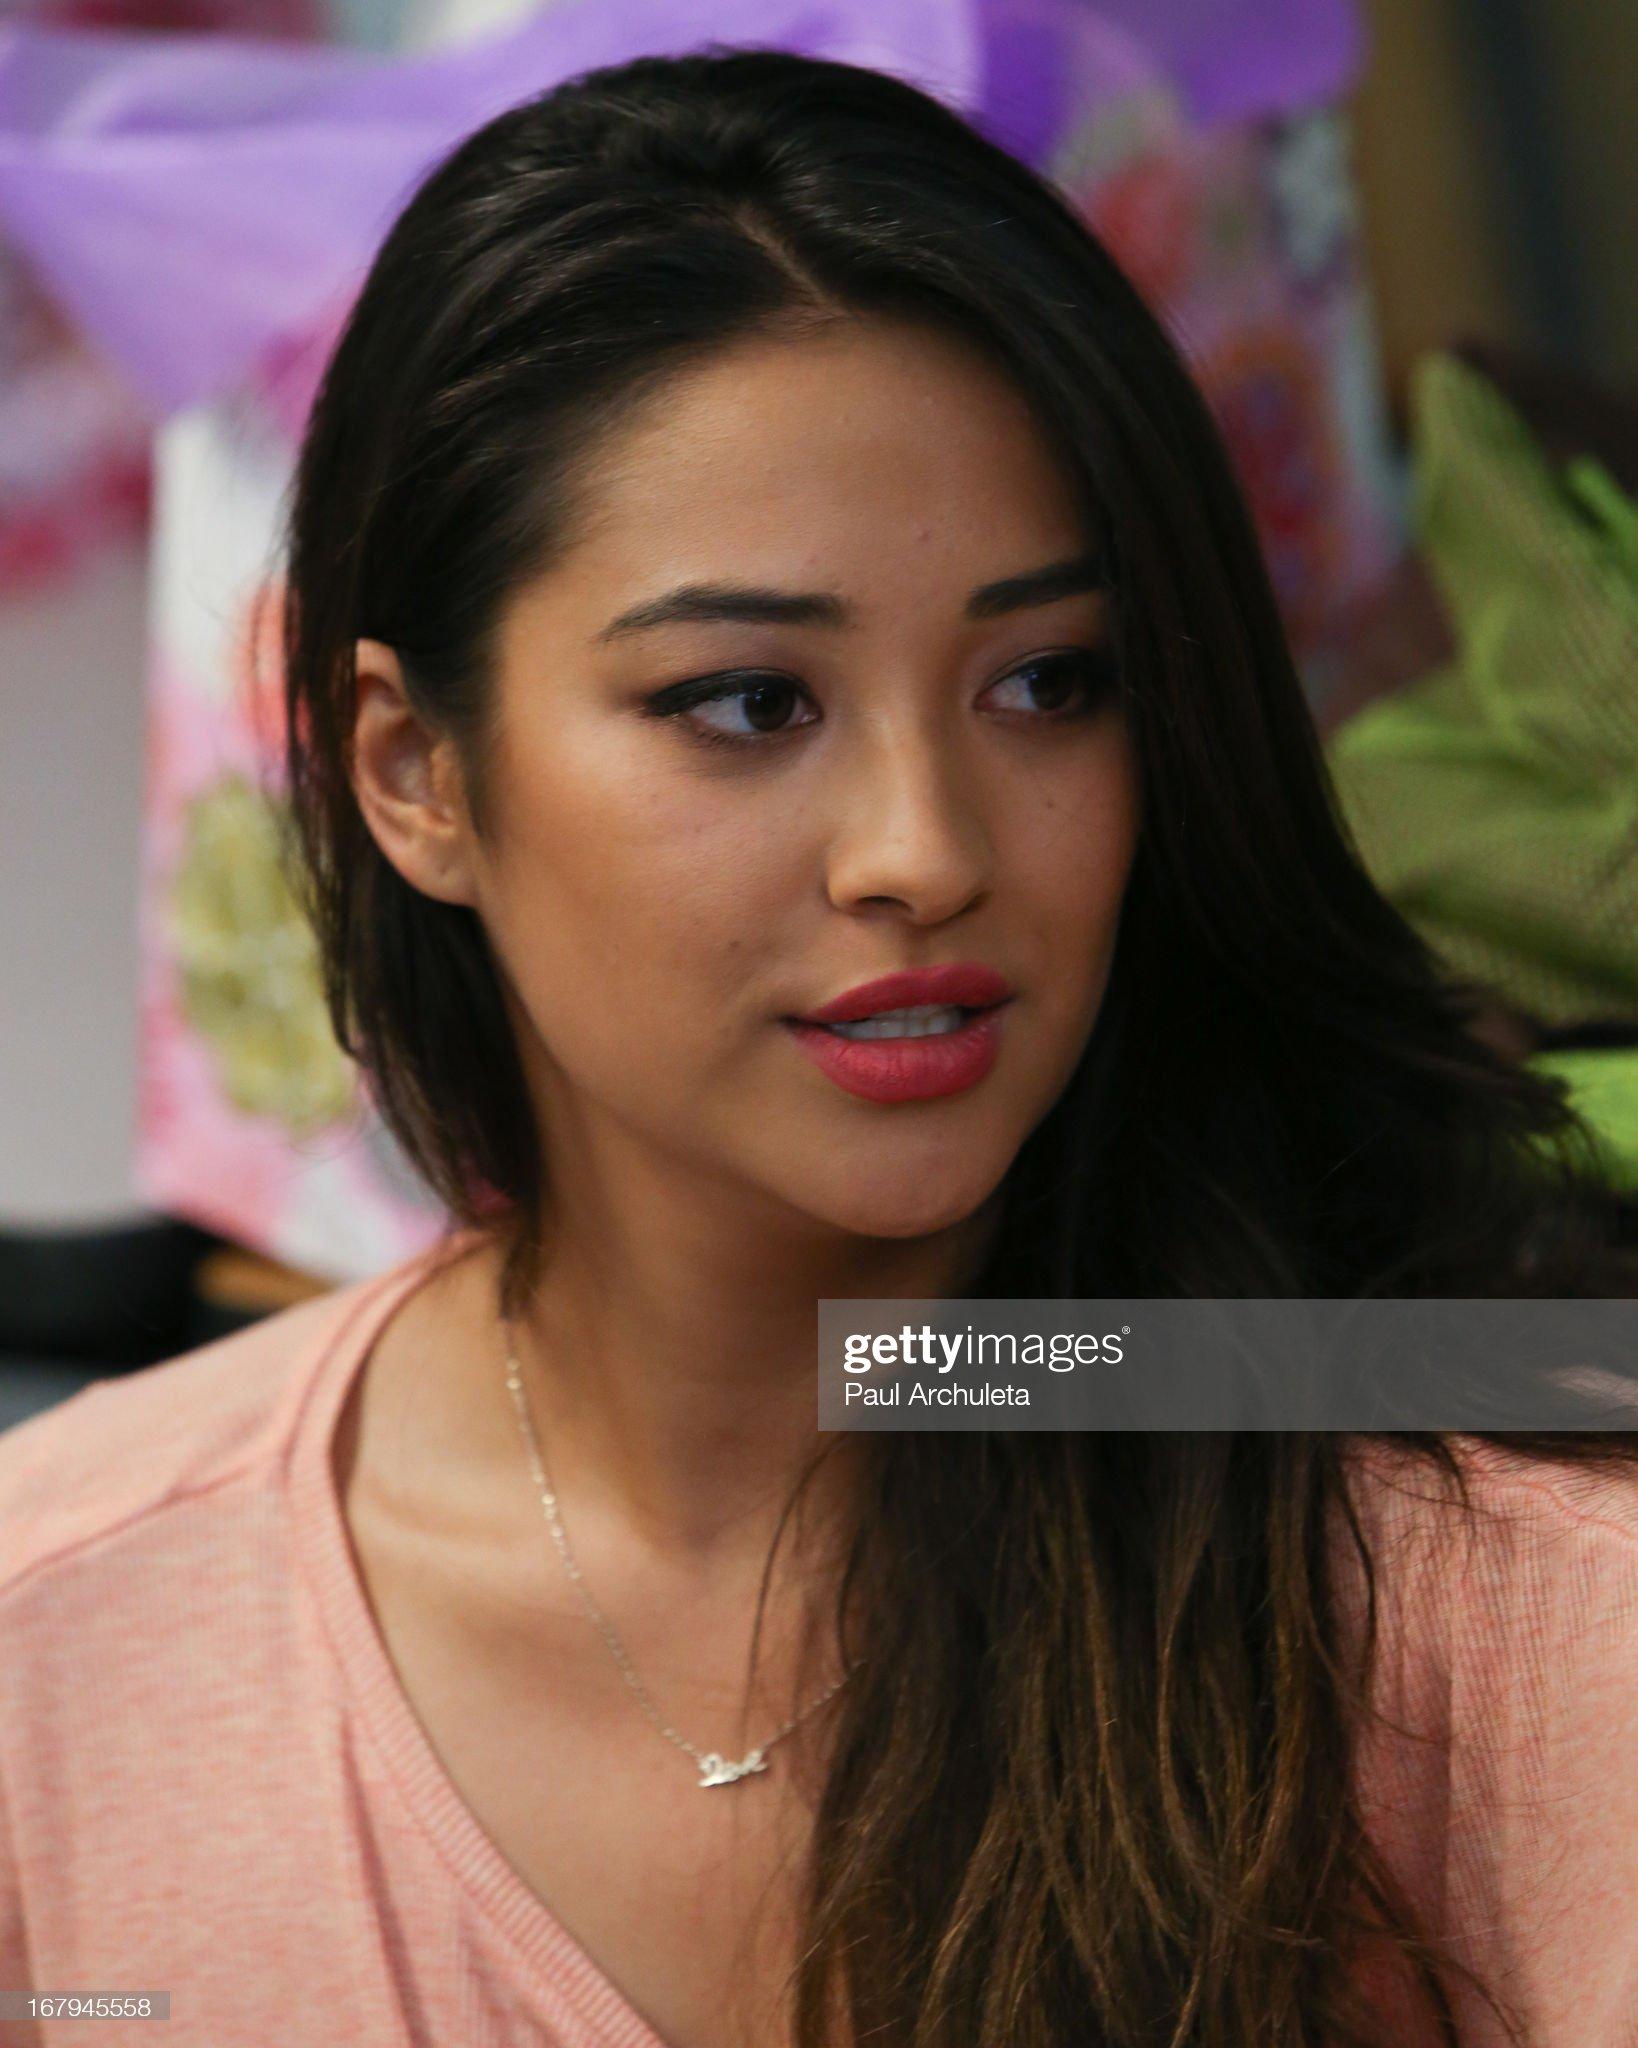 DEBATE sobre belleza, guapura y hermosura (fotos de chicas latinas, mestizas, y de todo) - VOL II - Página 7 Actress-shay-mitchell-joins-girl-power-day-to-help-teenage-girls-step-picture-id167945558?s=2048x2048